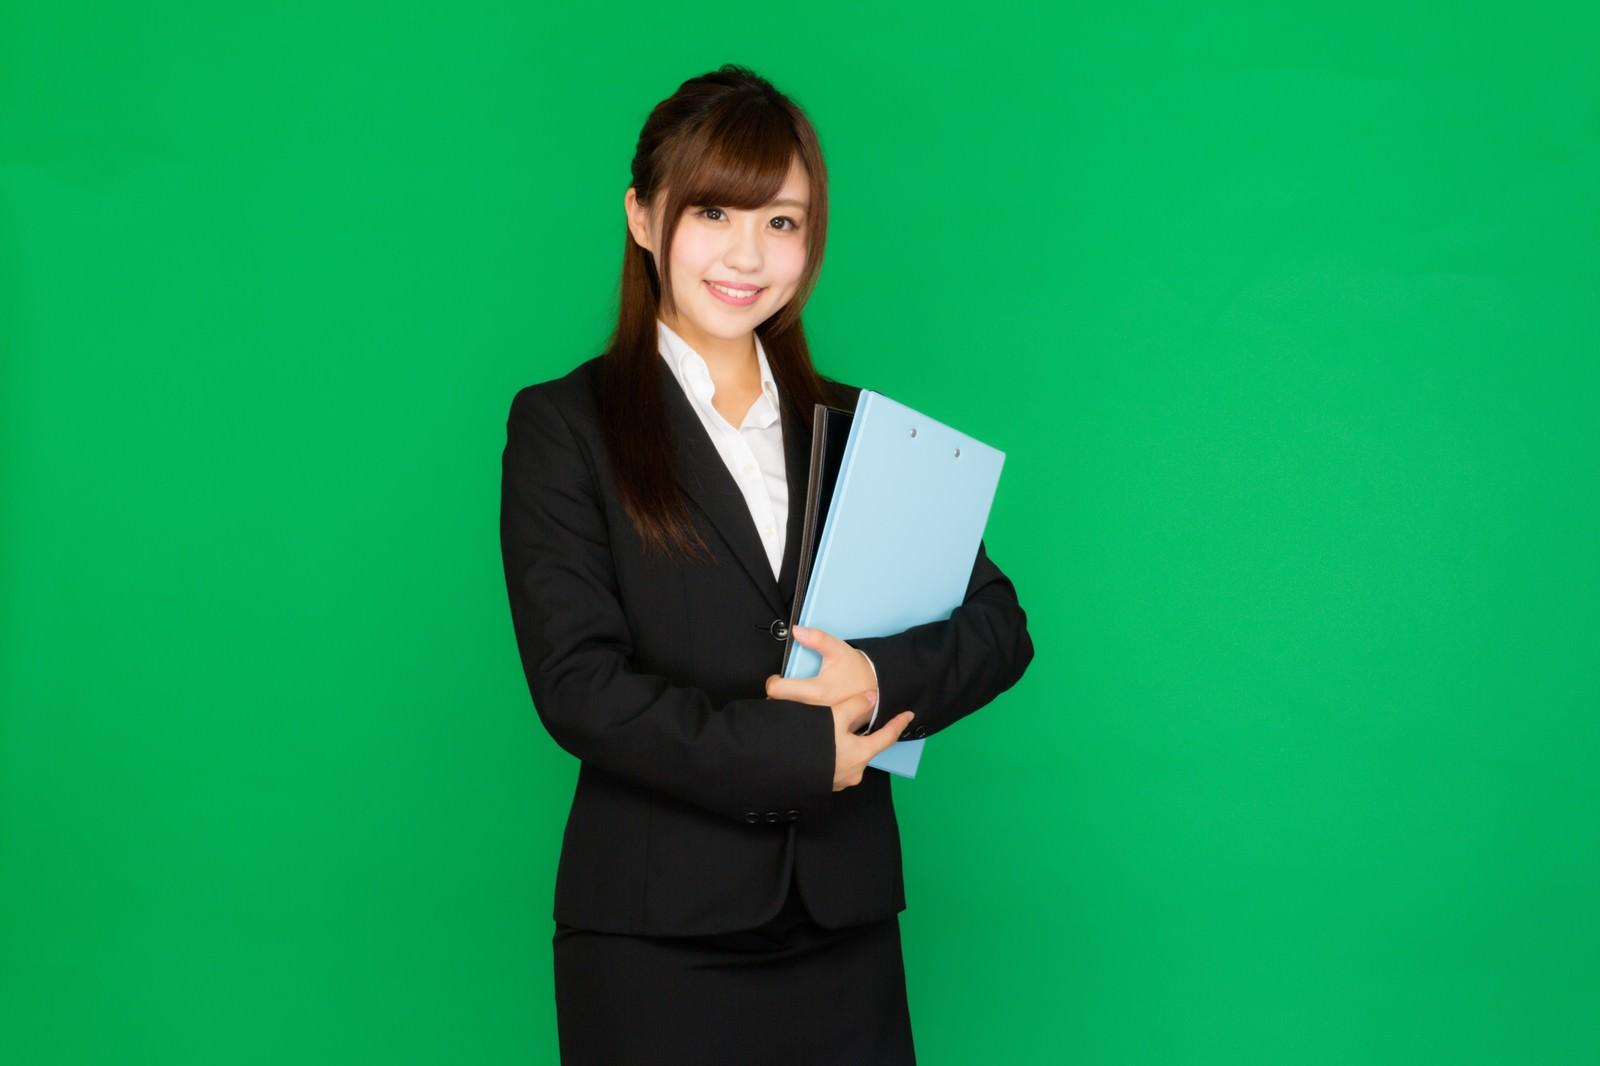 「会議に必要な書類を持ったスーツ姿の女性(グリーンバック)」の写真[モデル:河村友歌]